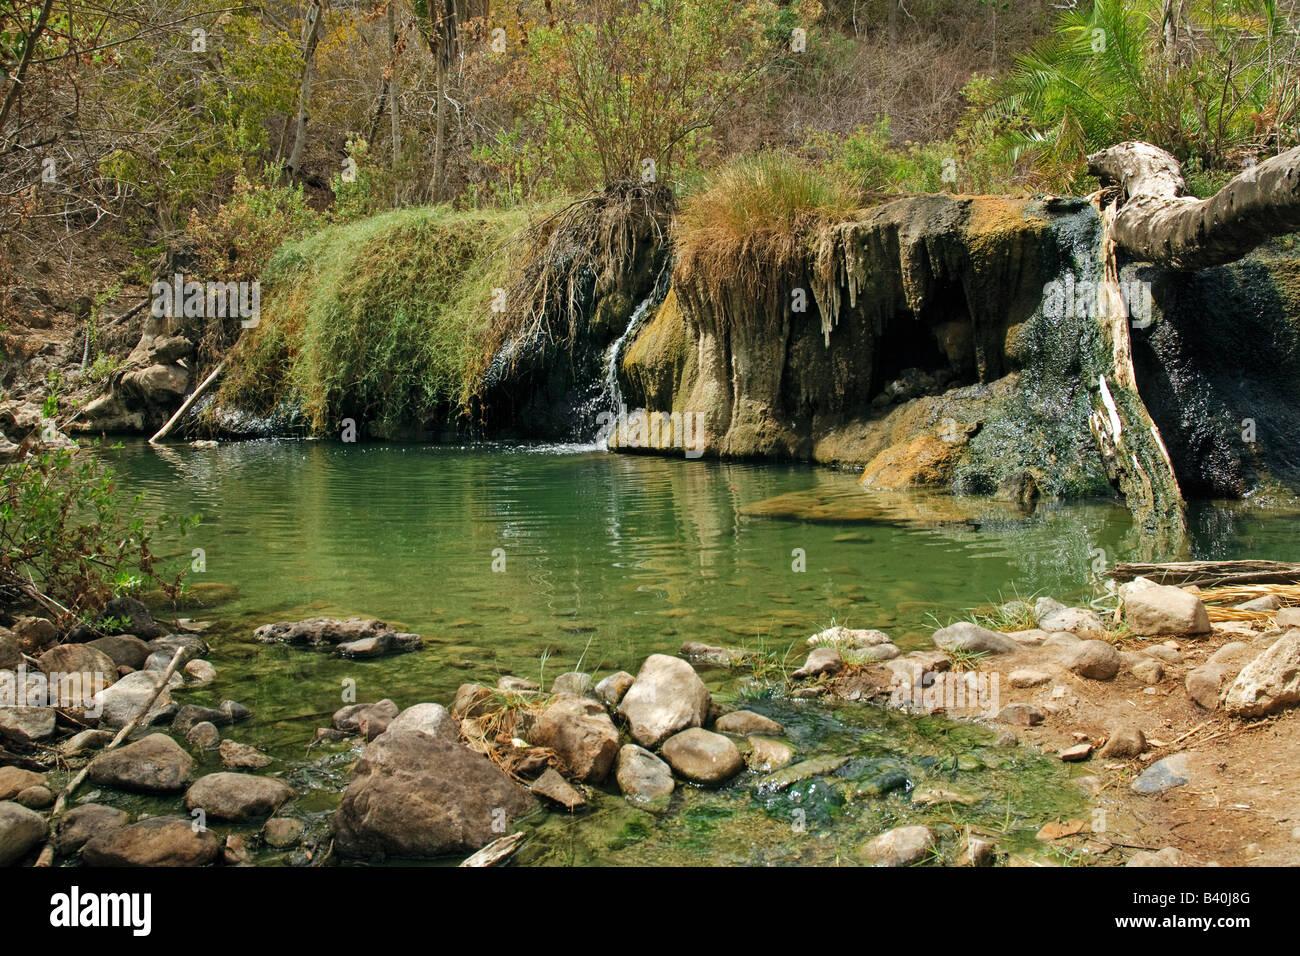 Maji Moto Hot springs at Selous Game Reserve Tanzania - Stock Image